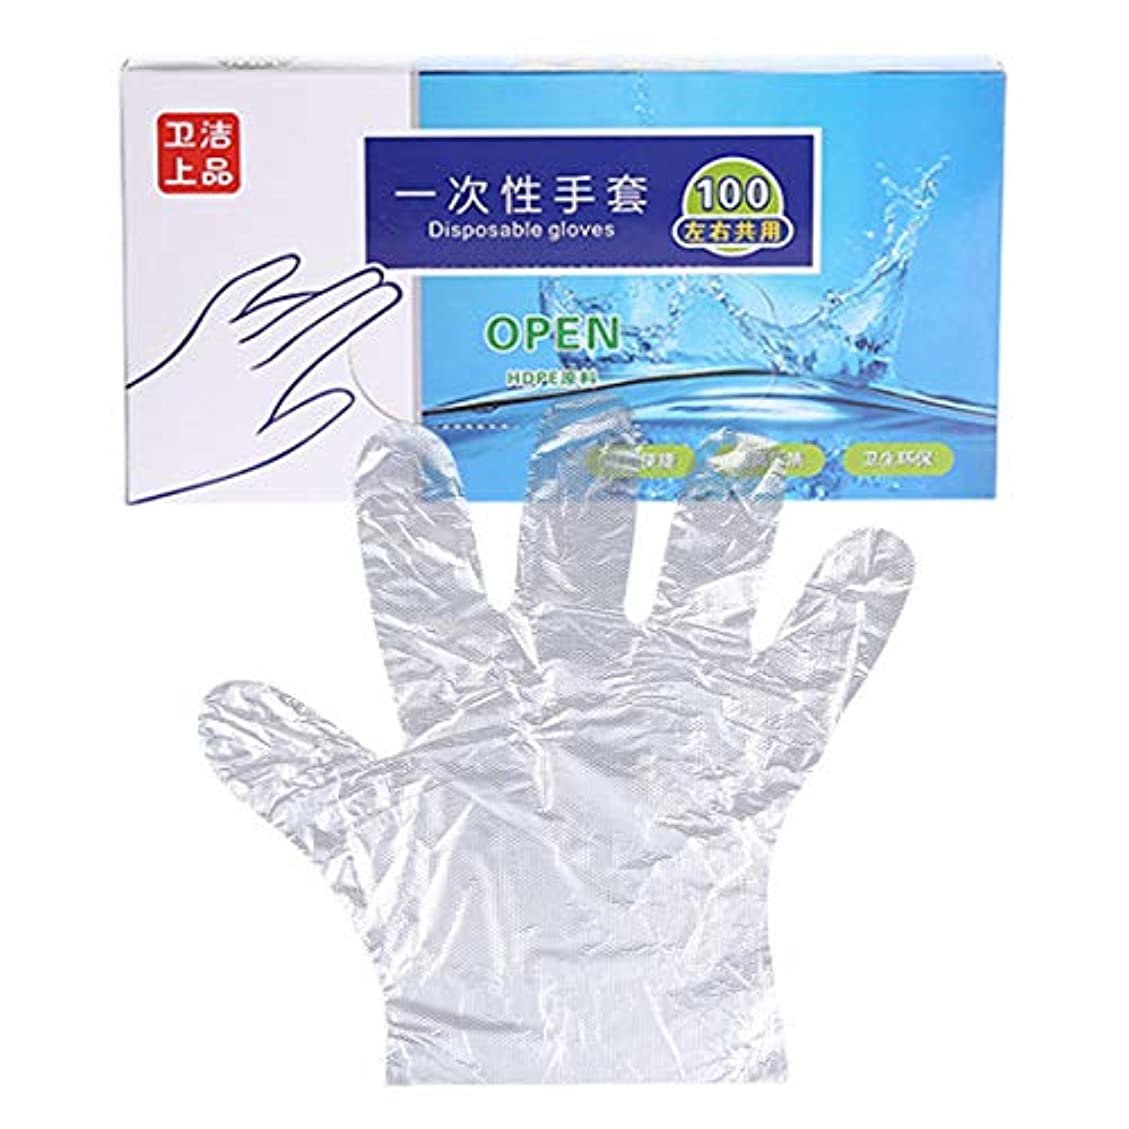 フィッティング集中試みるBemin 使い捨て手袋 100本入 透明 フリーサイズ グローブ ポリエチレン手袋 左右兼用 ポリエチレン PE 実用 衛生 調理 清掃 染髪